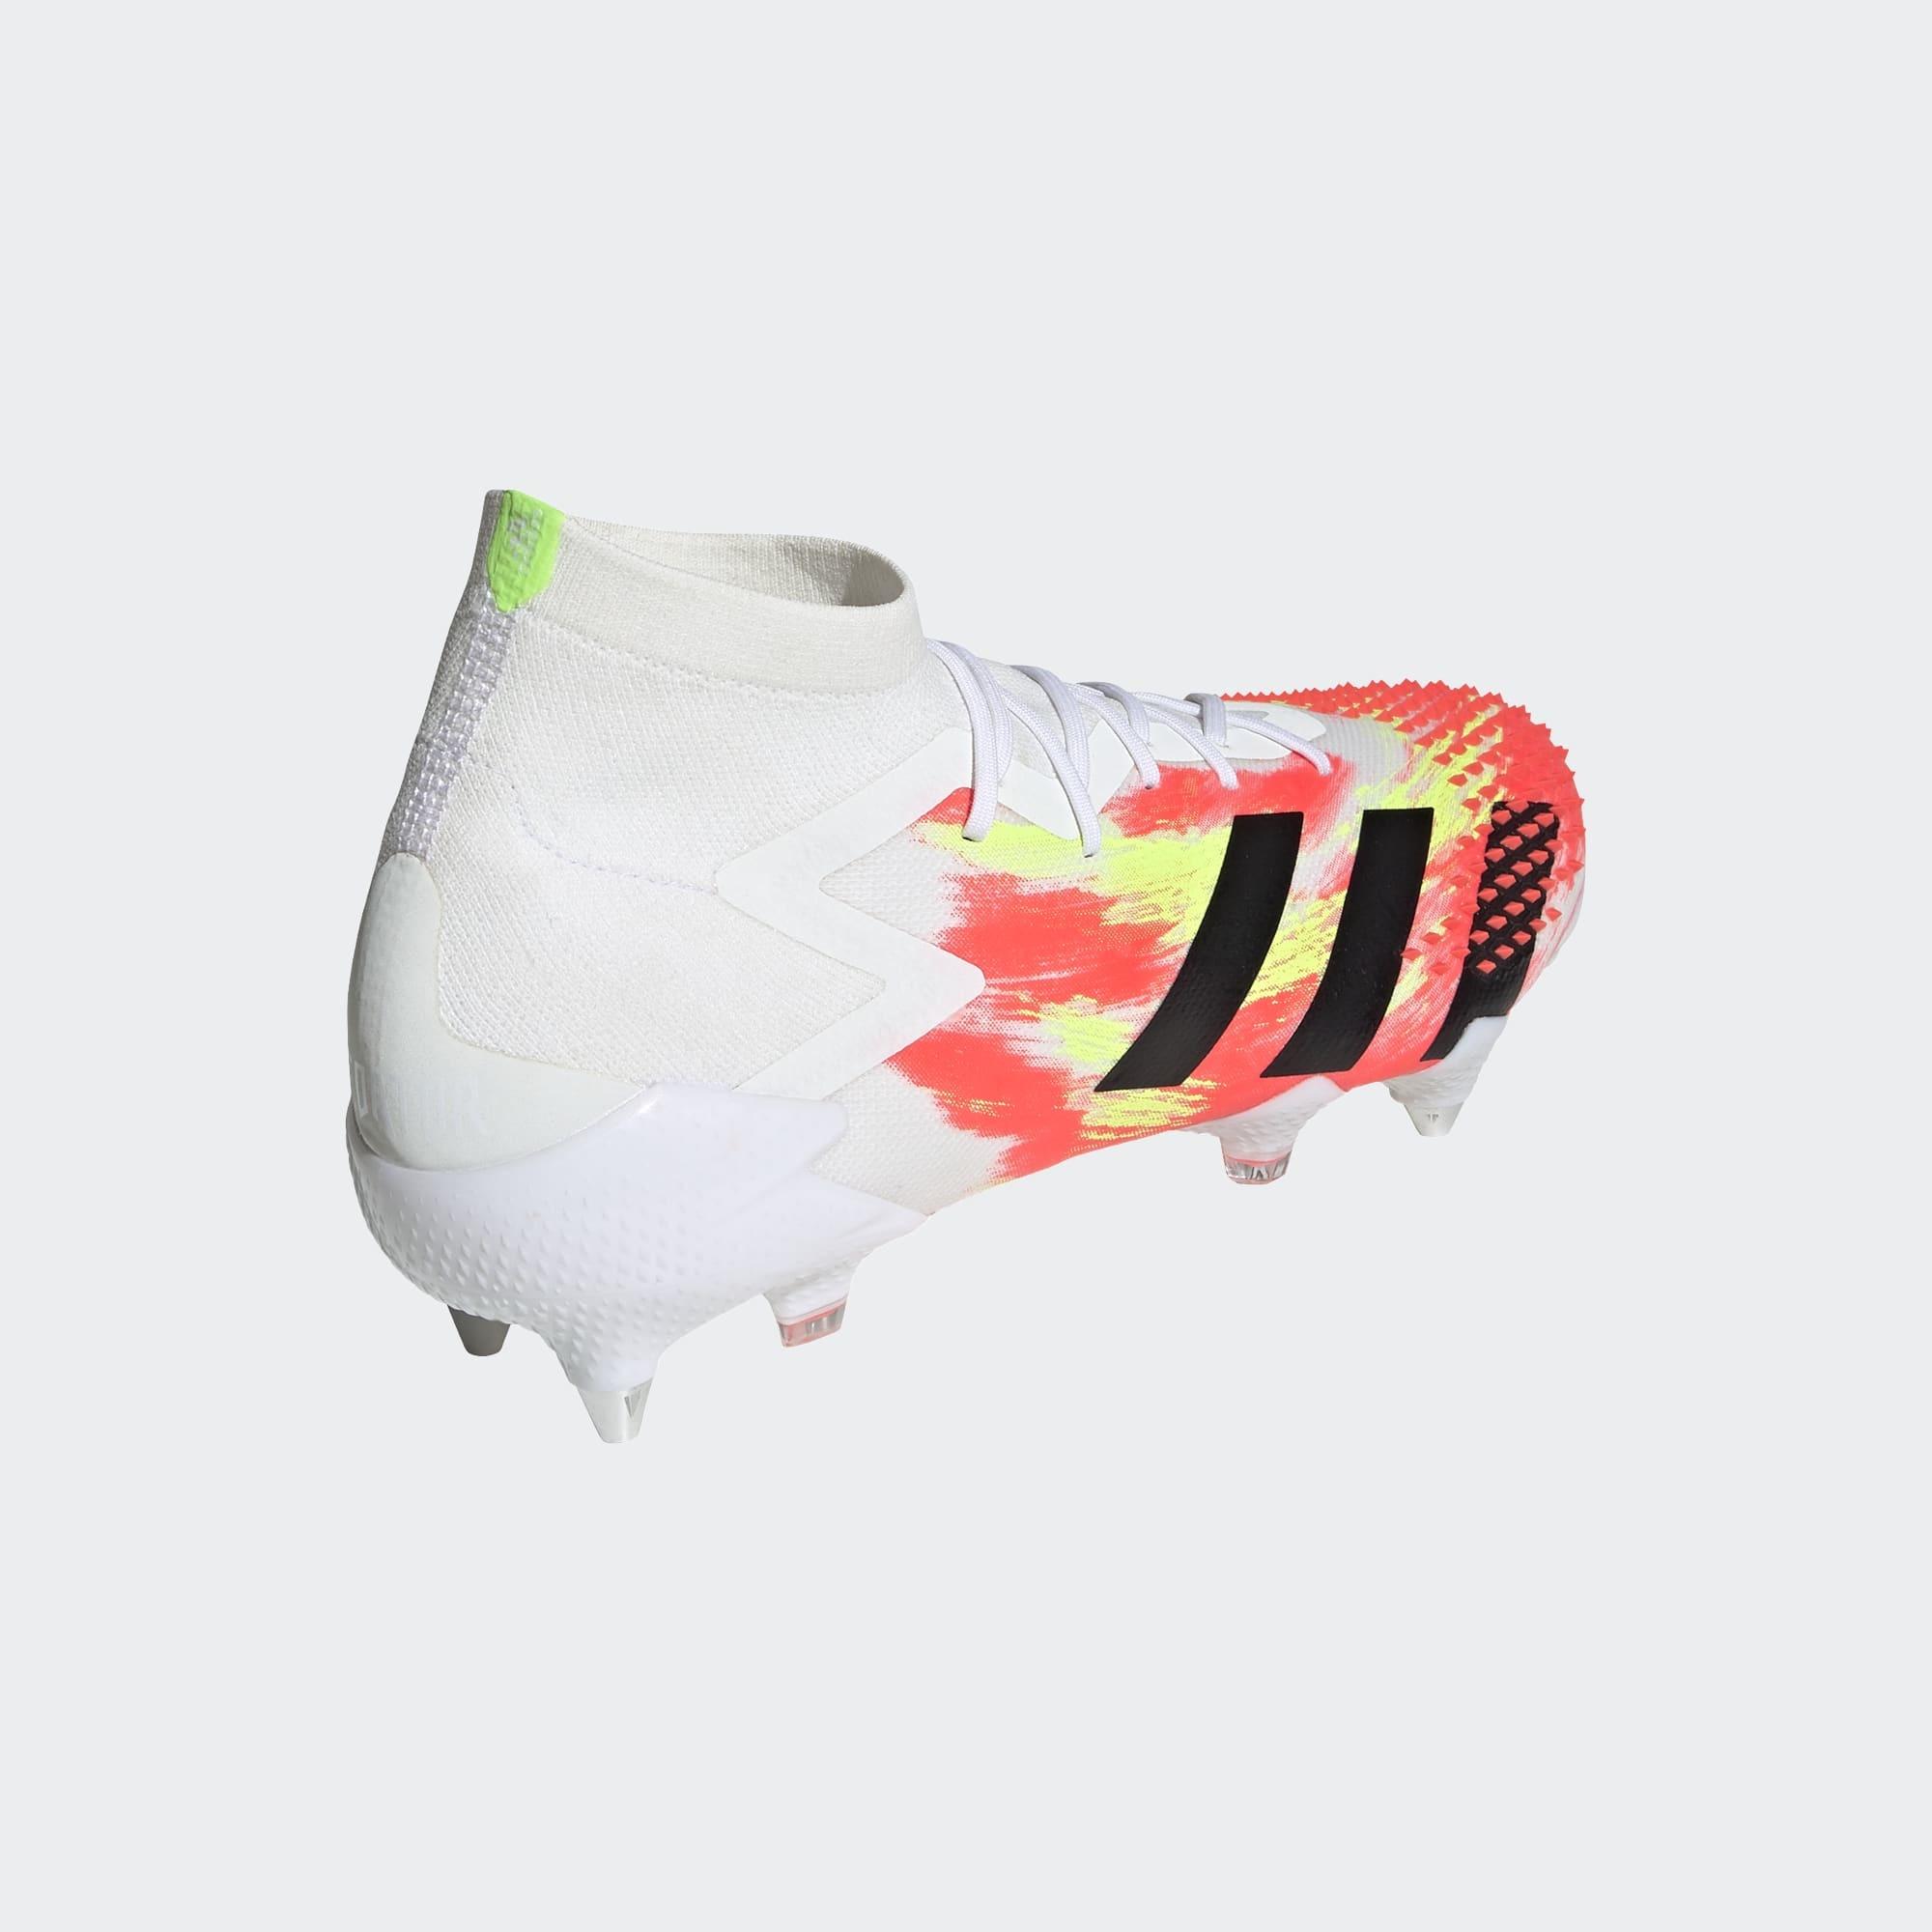 M氓lvakts handskar junior adidas Predator 20 Pro